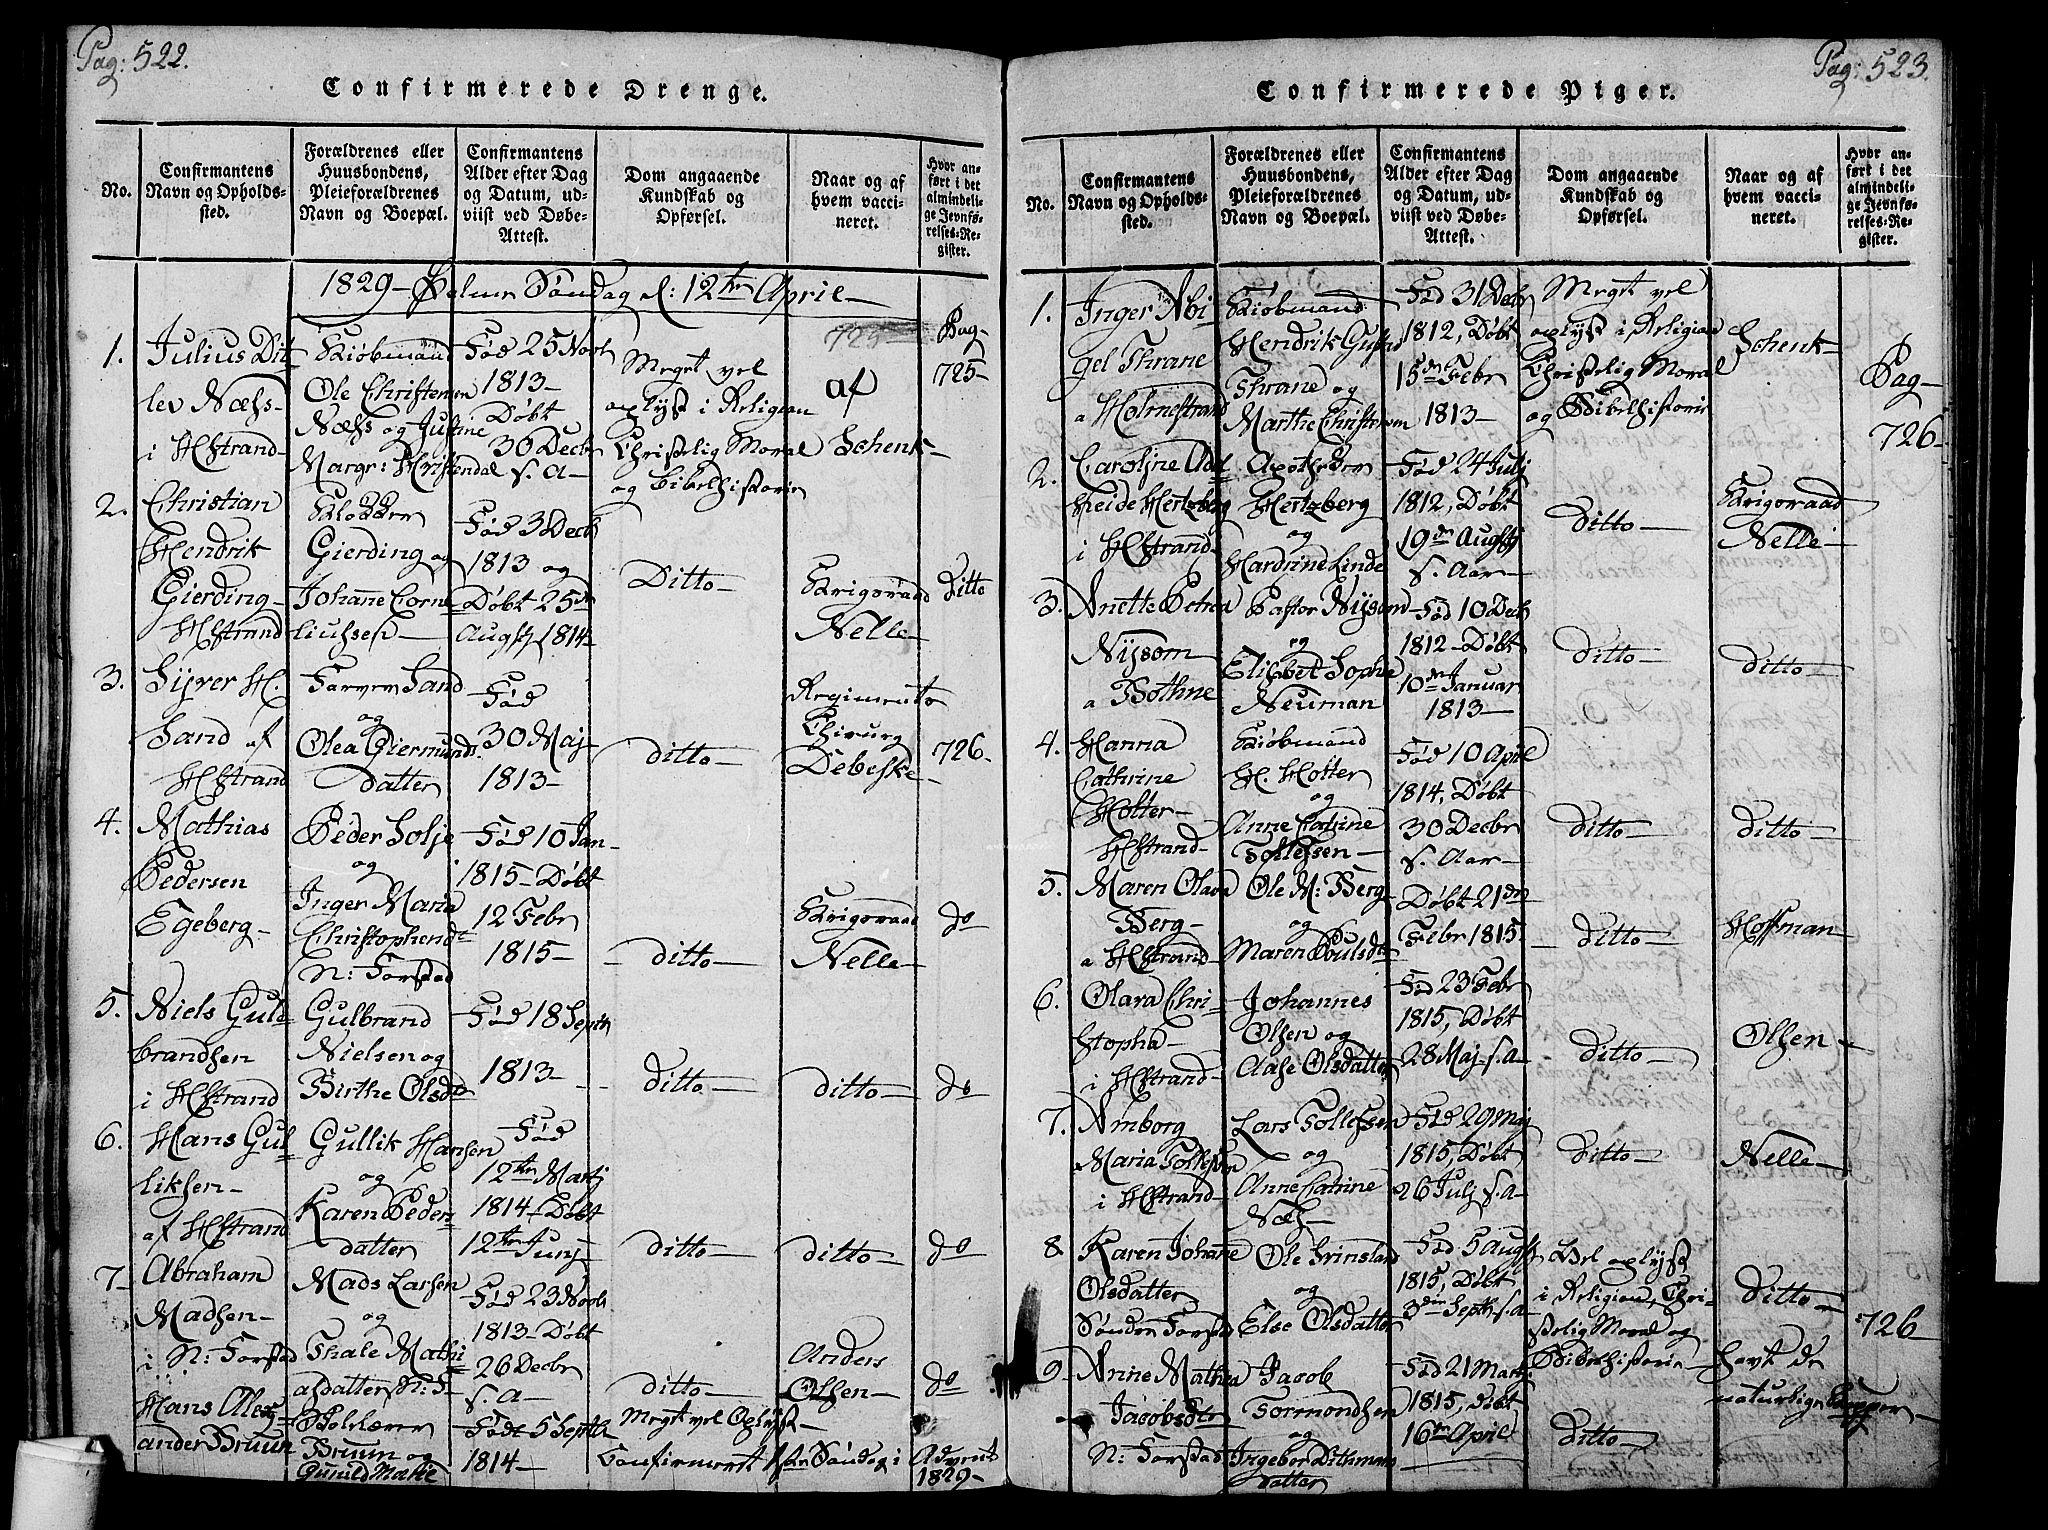 SAKO, Holmestrand kirkebøker, F/Fa/L0001: Ministerialbok nr. 1, 1814-1840, s. 522-523